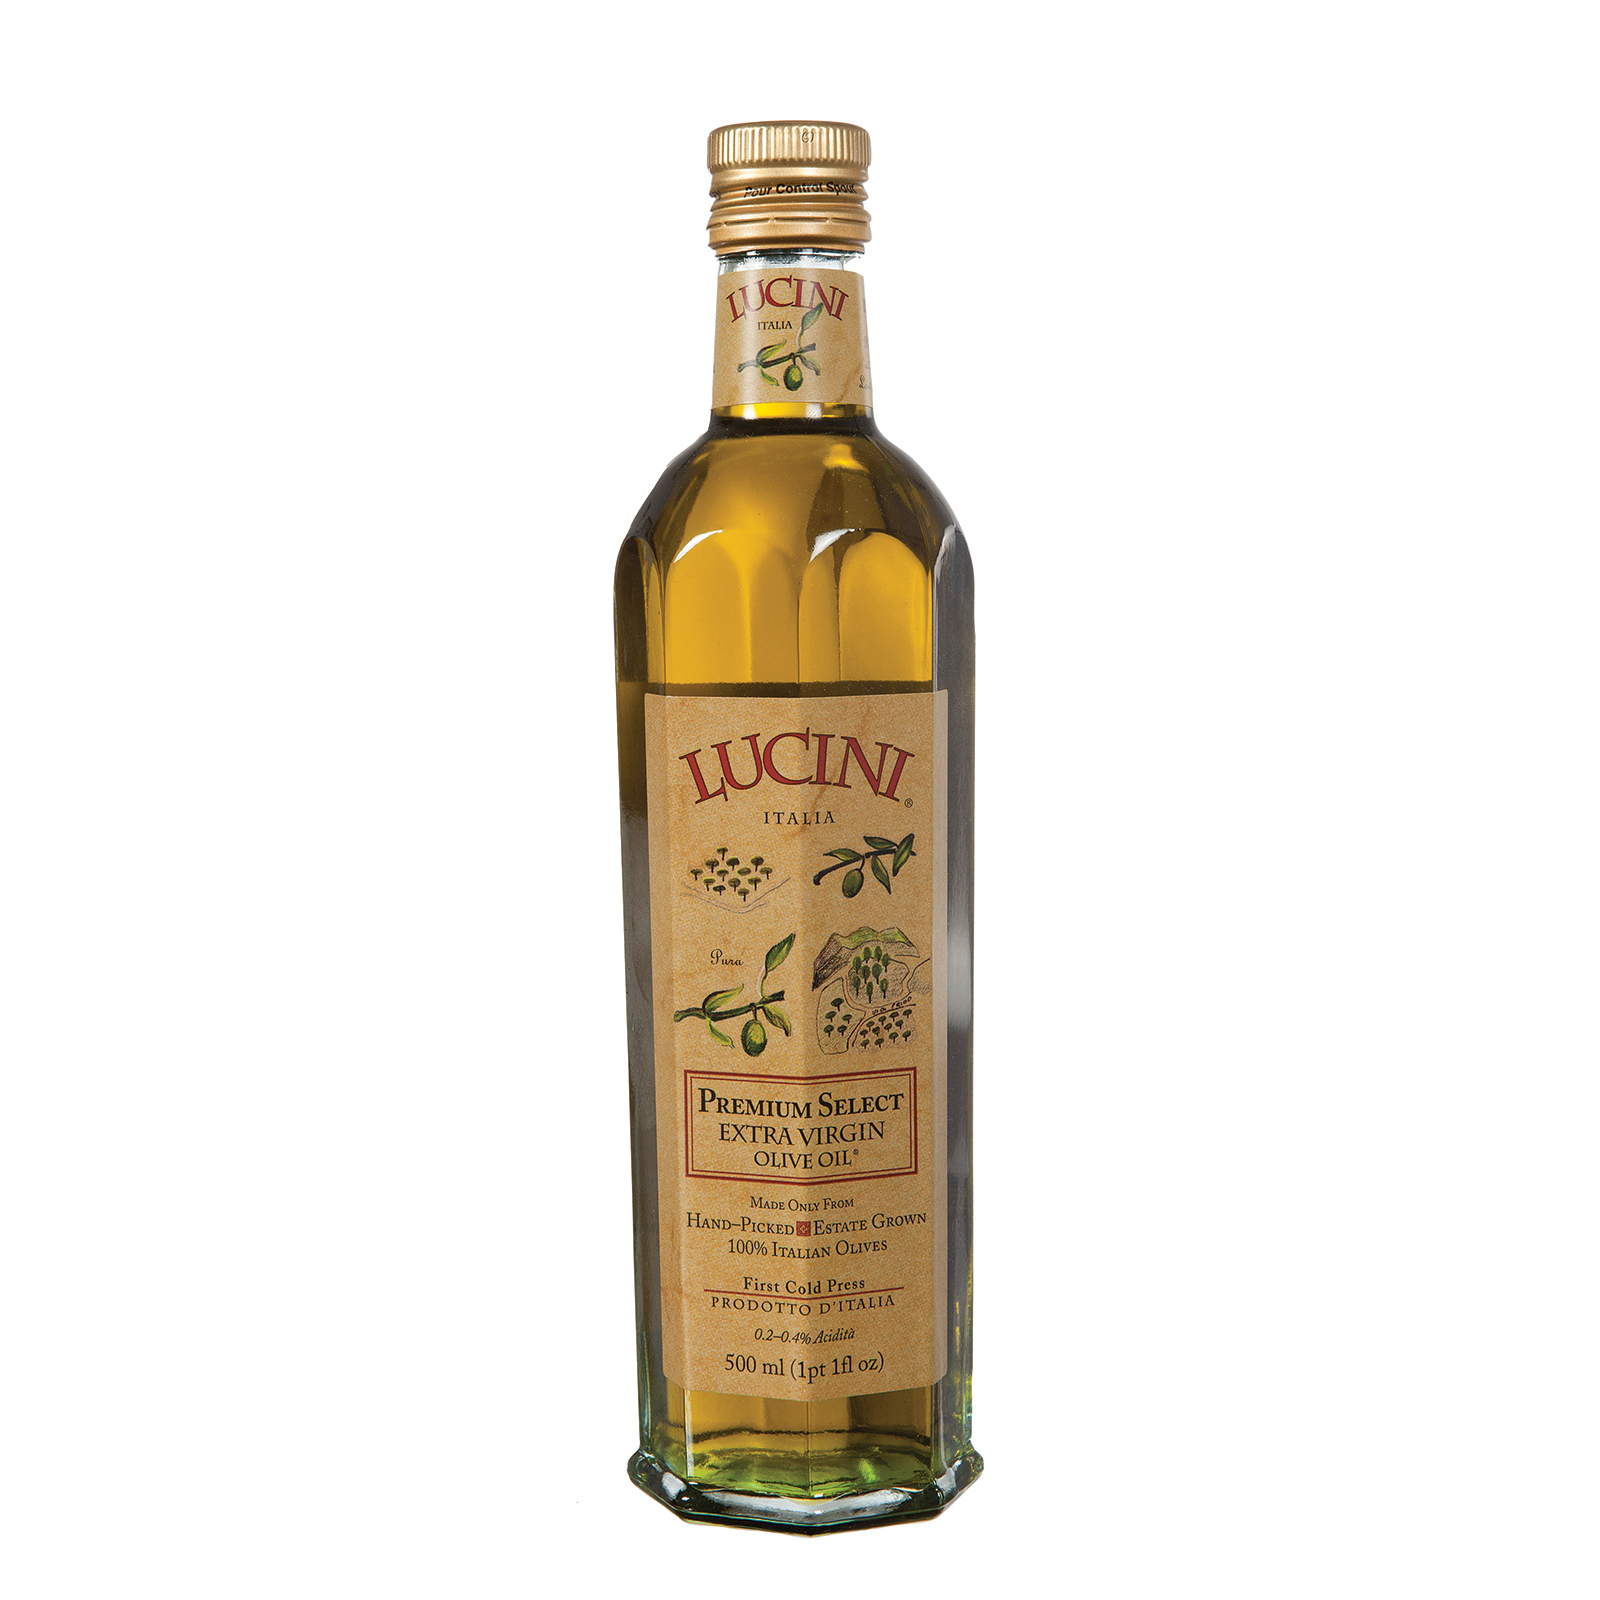 Lucini Italia Premium Select Extra Virgin Olive Oil - Case of 6 - 17 Fl oz.